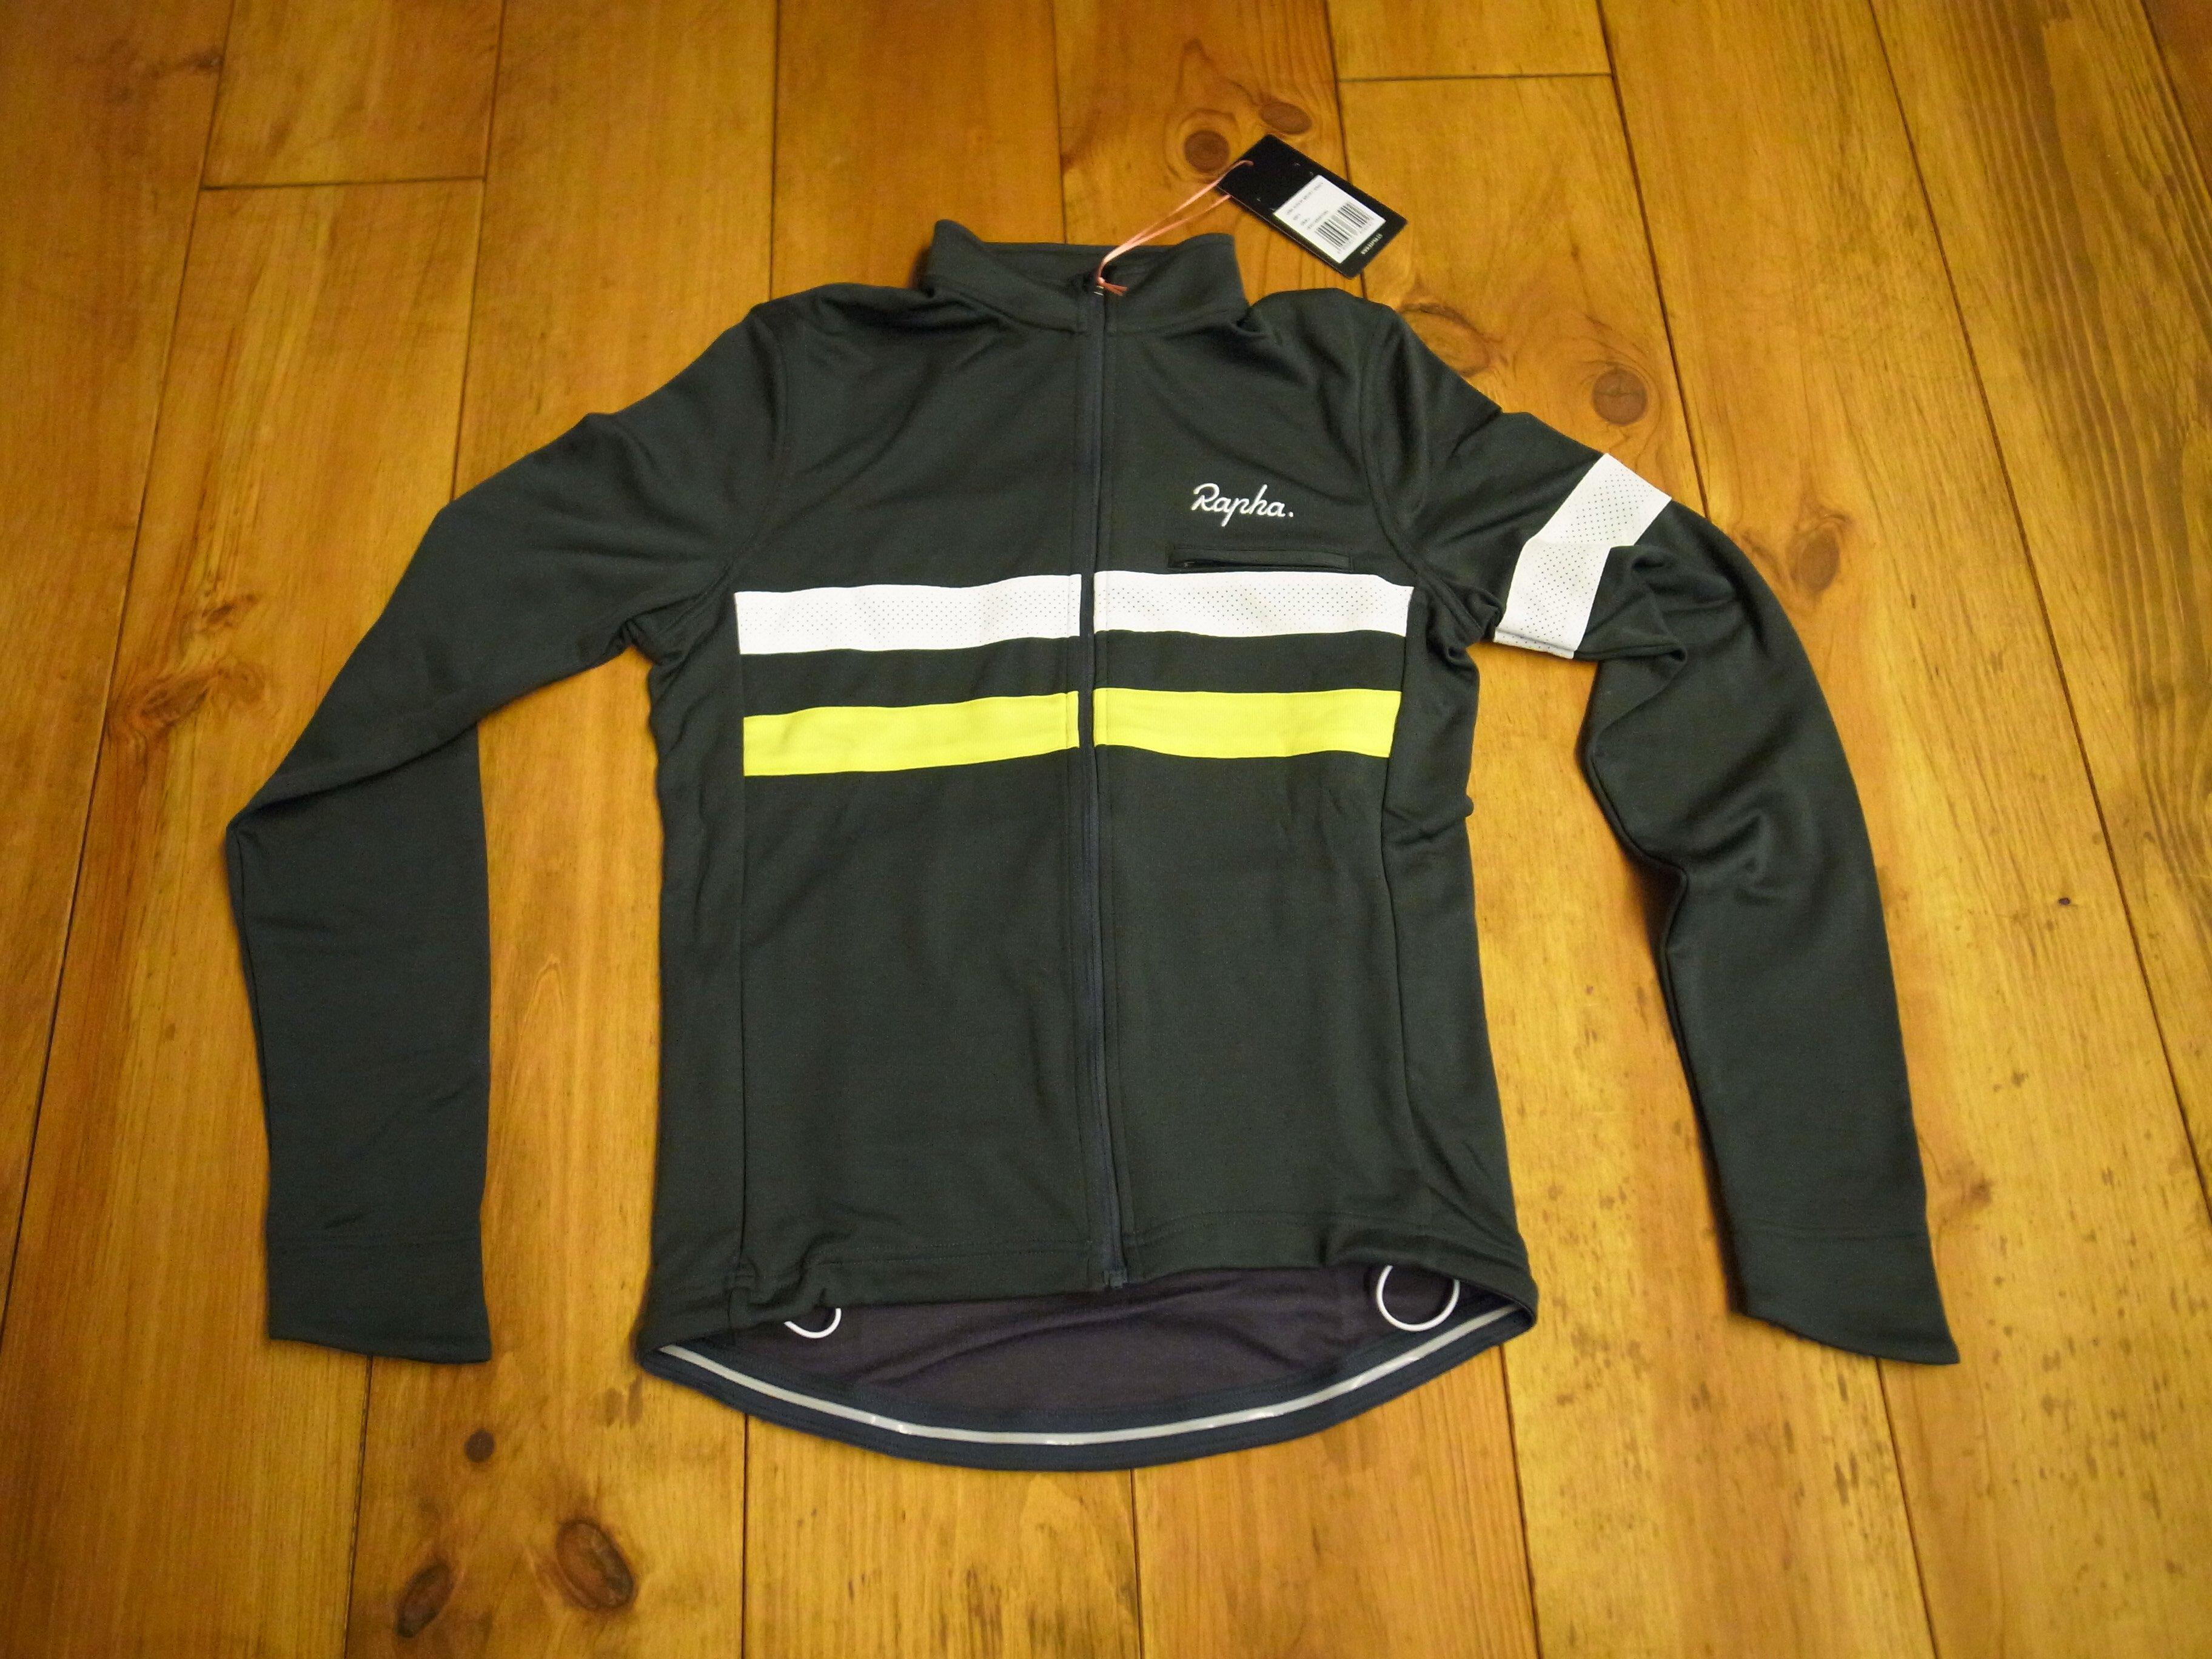 Long sleeve brevet jersey and gilet long sleeve brevet jersey and gilet jpg  3648x2736 Brevet long 4b288880d